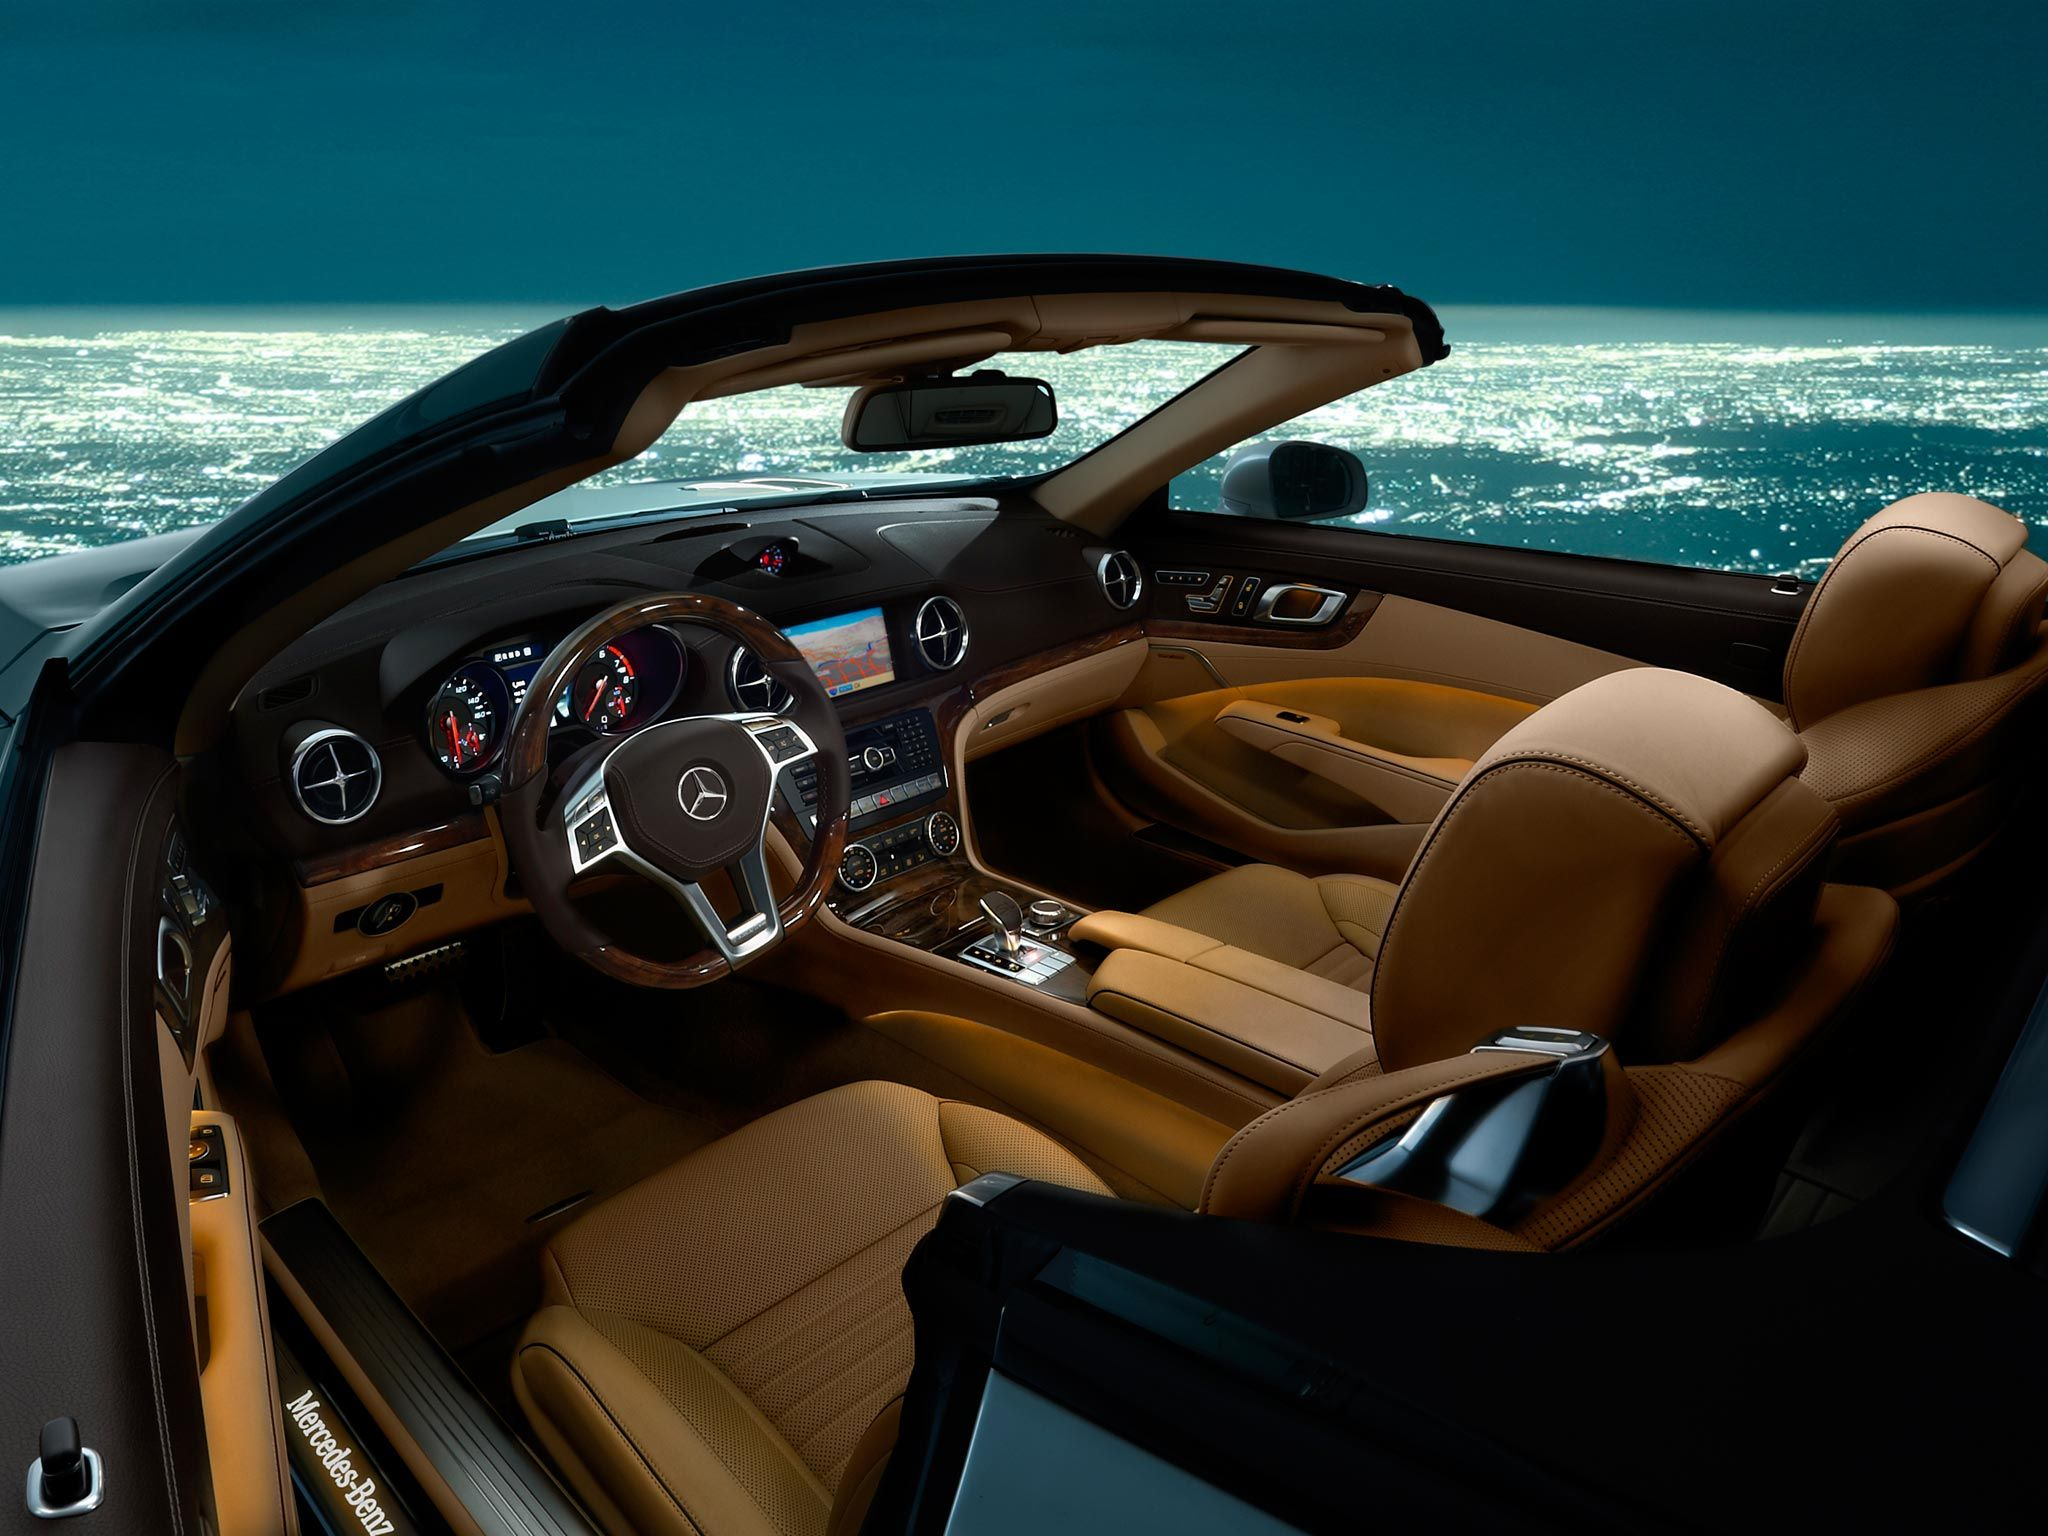 A 2013 MERCEDESBENZ SL ROADSTER INTERIOR Mercedes Cars Rides